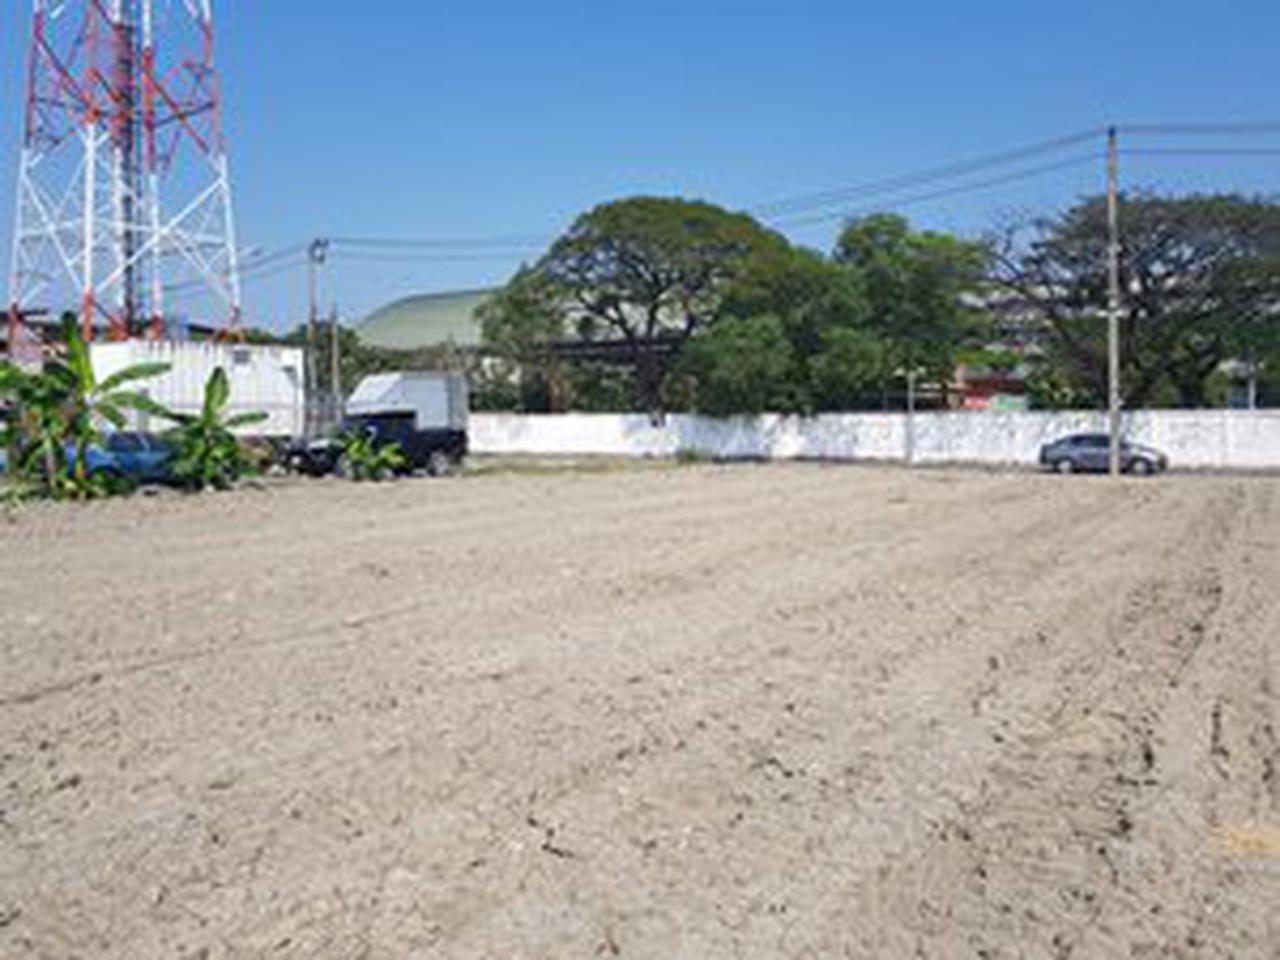 ที่ดินเปล่าถมแล้วให้เช่าในถนนนวมินทร์ กรุงเทพมหานคร รูปที่ 3